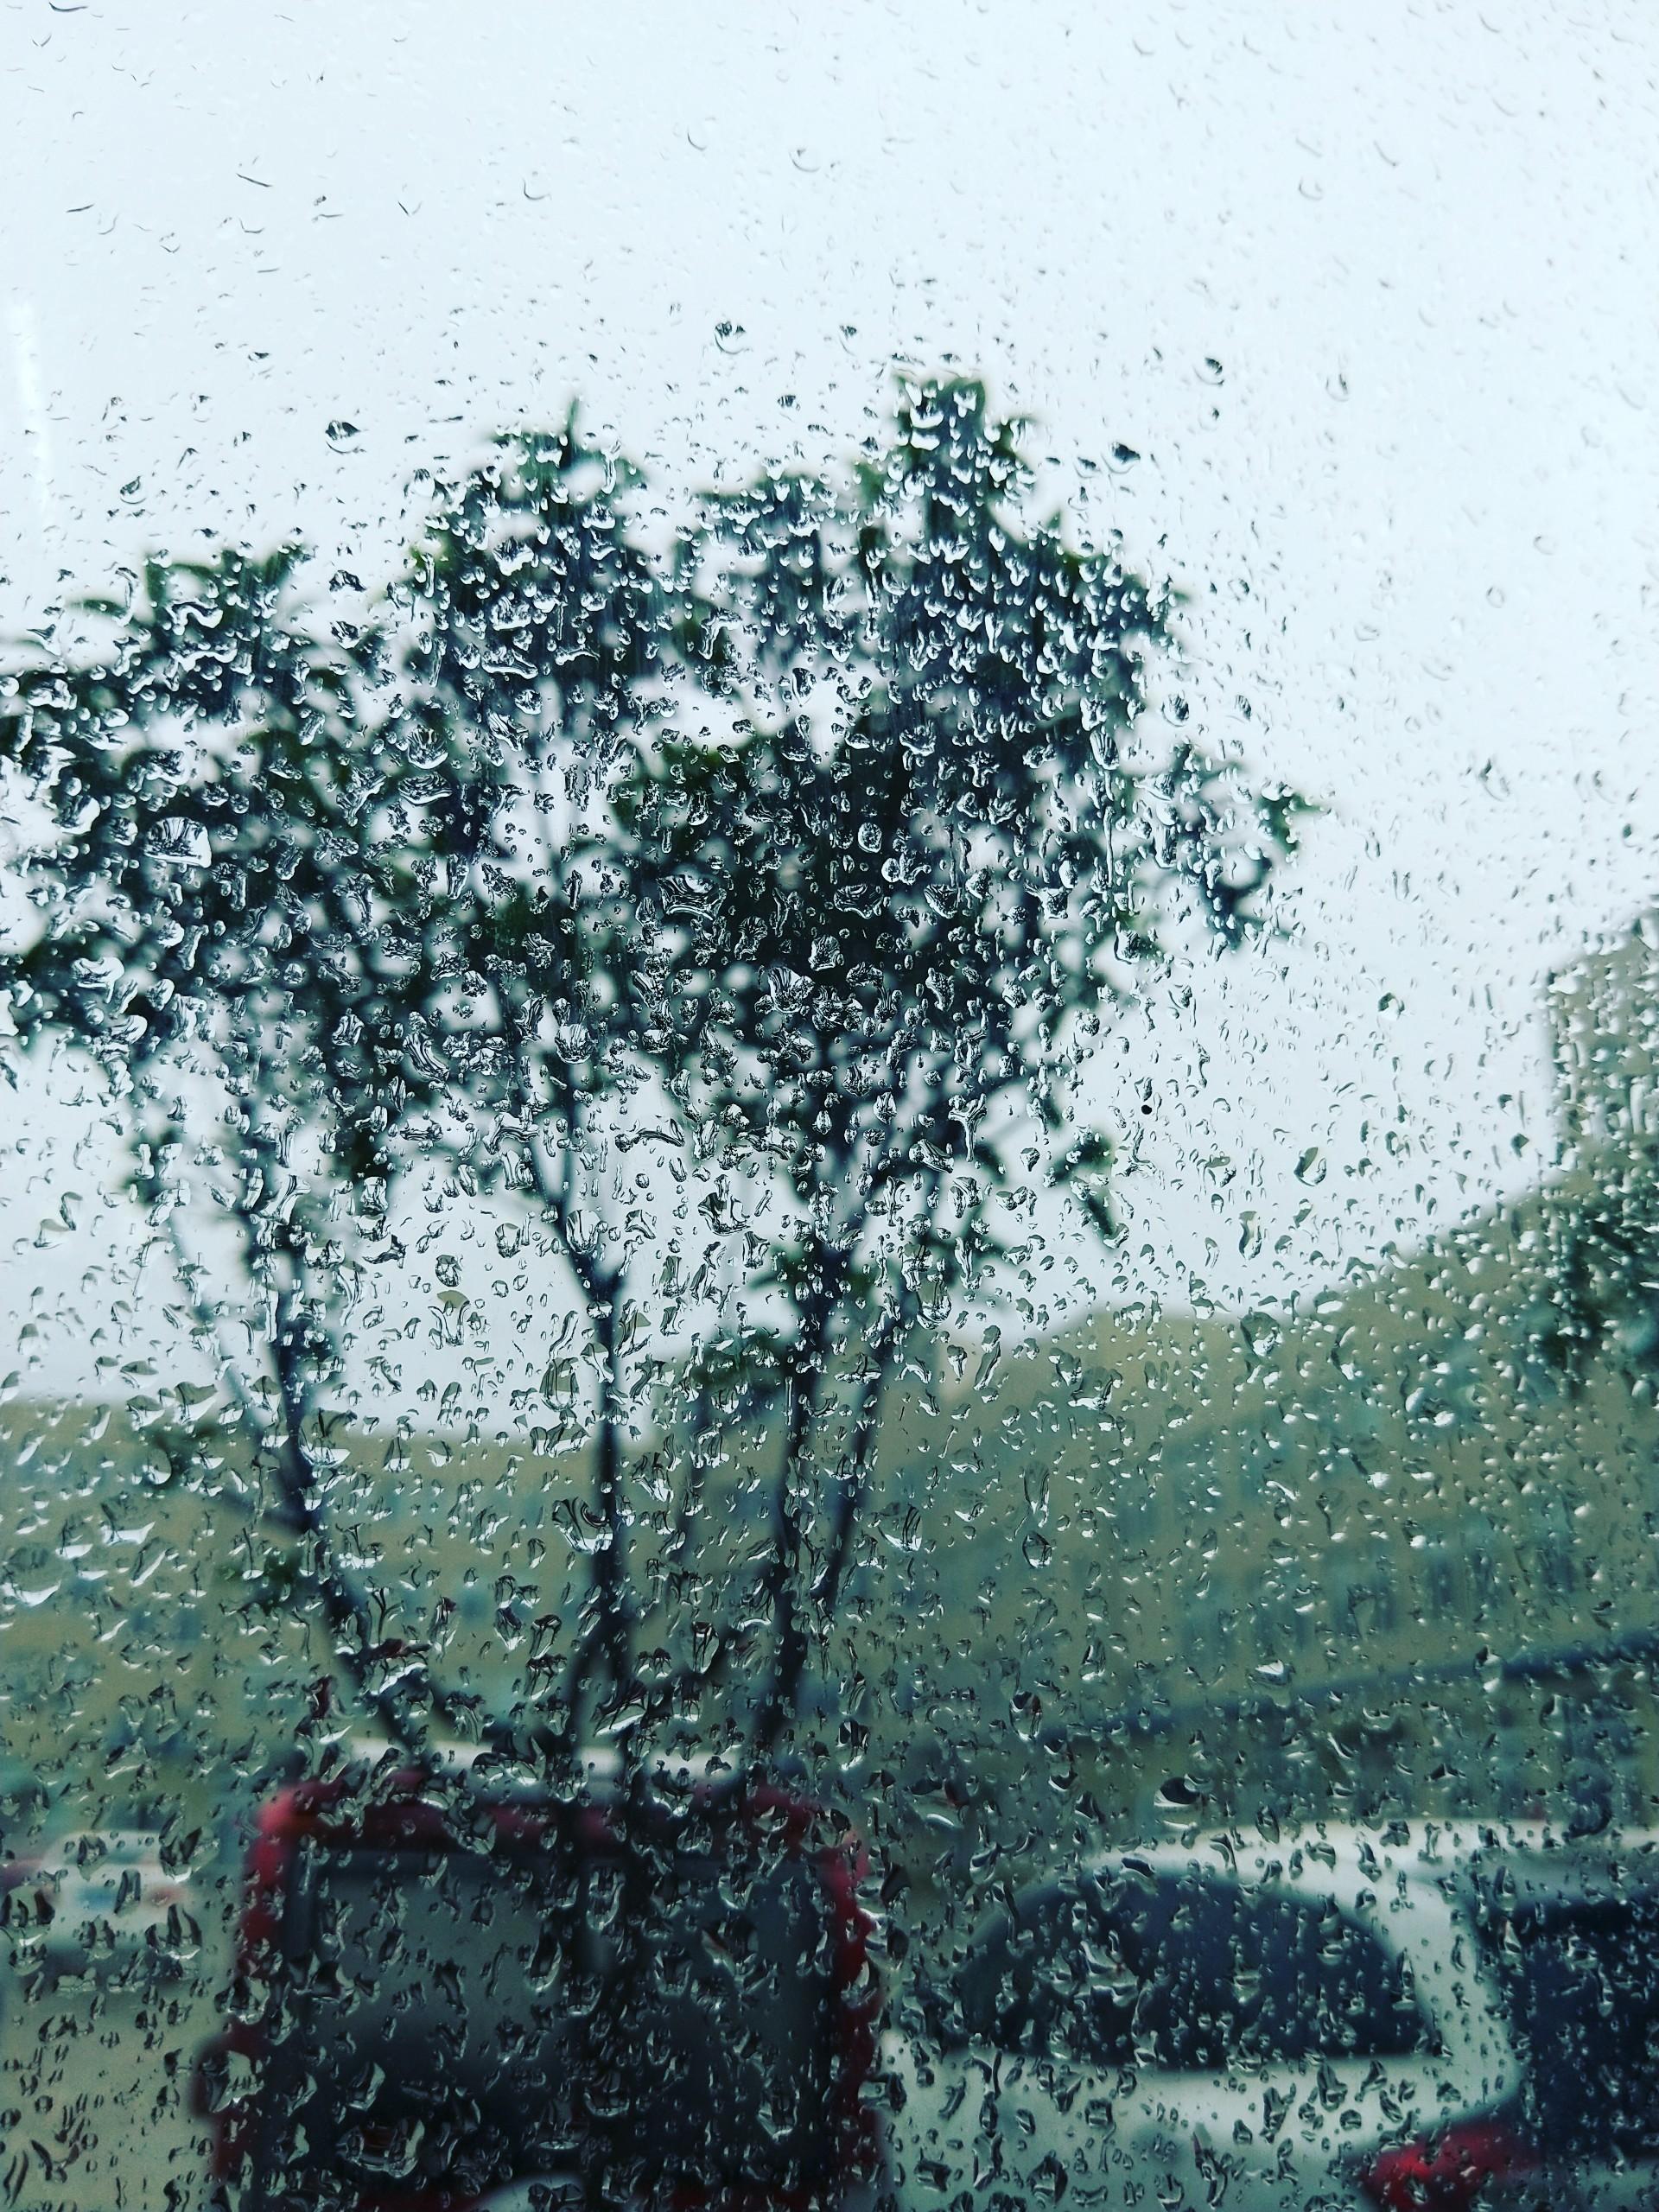 下雨天_帖子_oppo手机官方社区